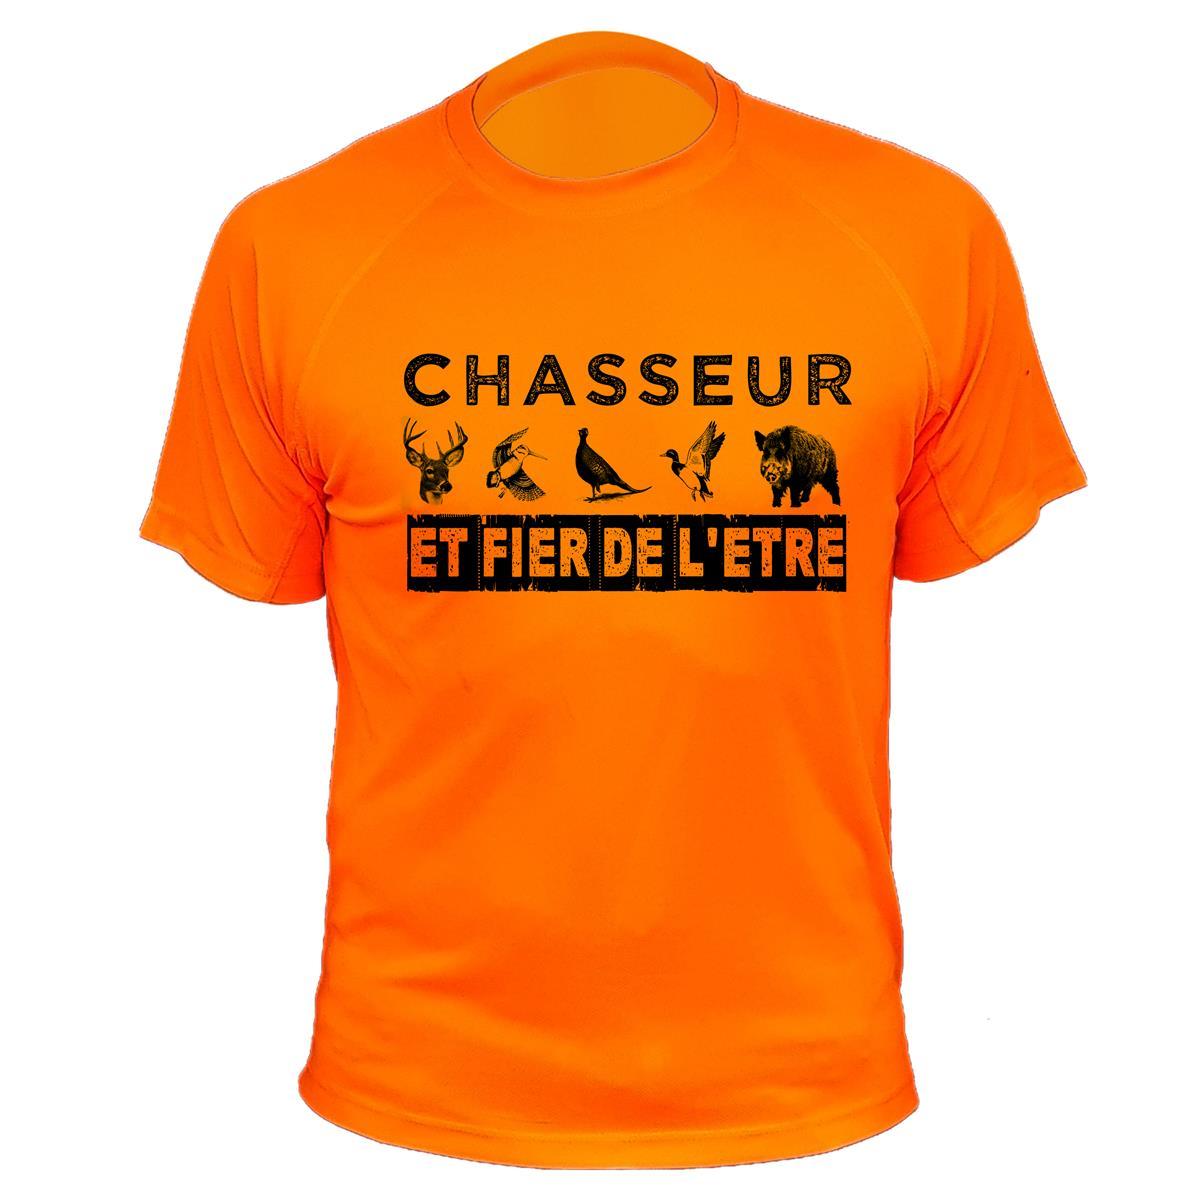 4f14fa940129d Tee shirt de chasse chasseur et fier de l'être - Traqueur